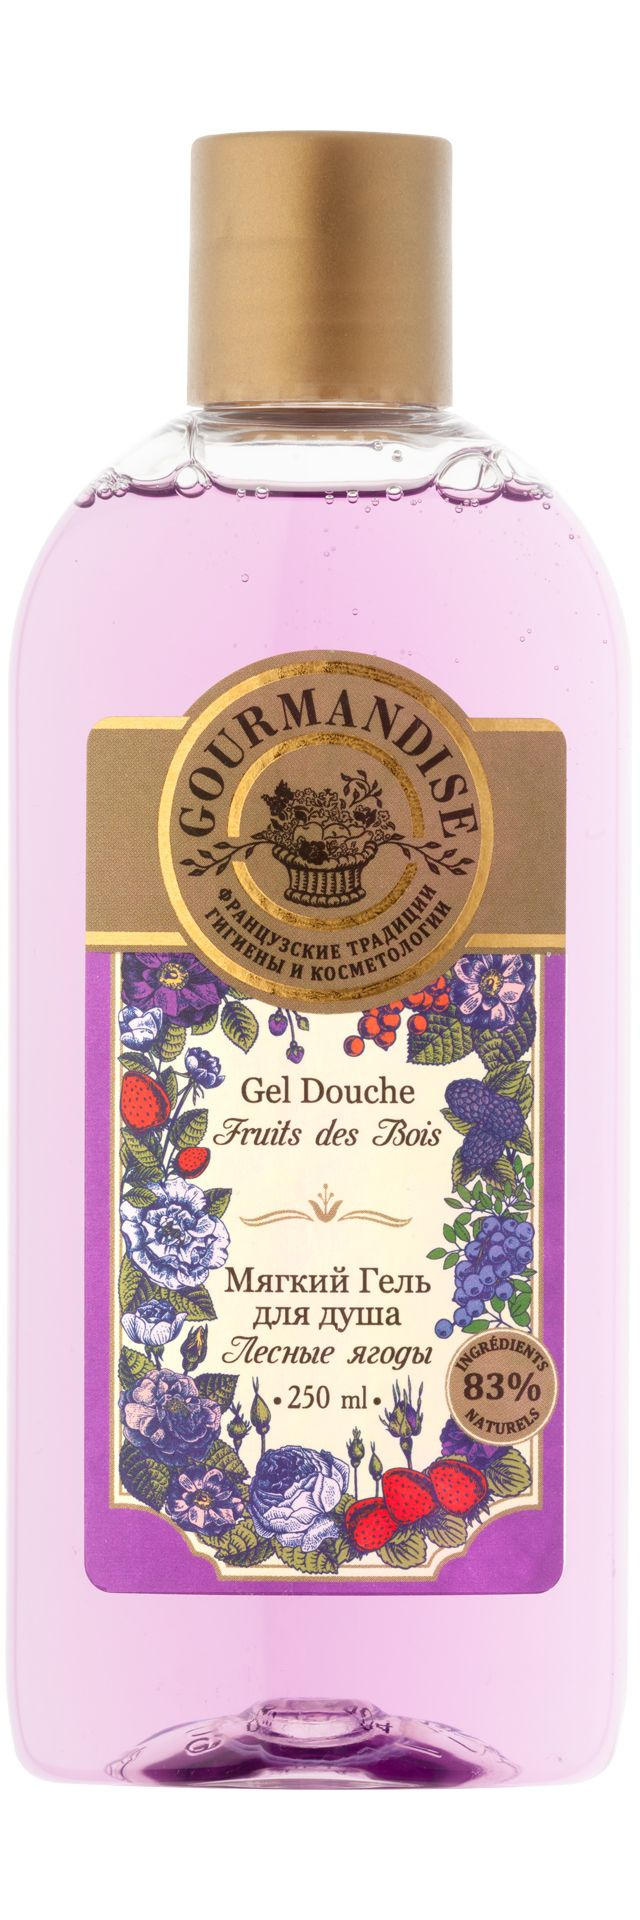 Мягкий гель для душа лесные ягоды 83% натуральных ингредиентов. Нежный гель с ярким сочным ароматом свежесобранных ягод дарит летнее настроение и яркие эмоции, бережно очищает кожу, придавая ей мягкость и бархатистость. Экстракт черники содержит больше количество антиоксидантов, витамины А, В, С и Е, аминокислоты. Насыщает кожу питательными веществами. Витамин Е стимулирует процессы регенерации кожи, предотвращает ее сухость. Глицерин растительного происхождения хорошо увлажняет и смяг...